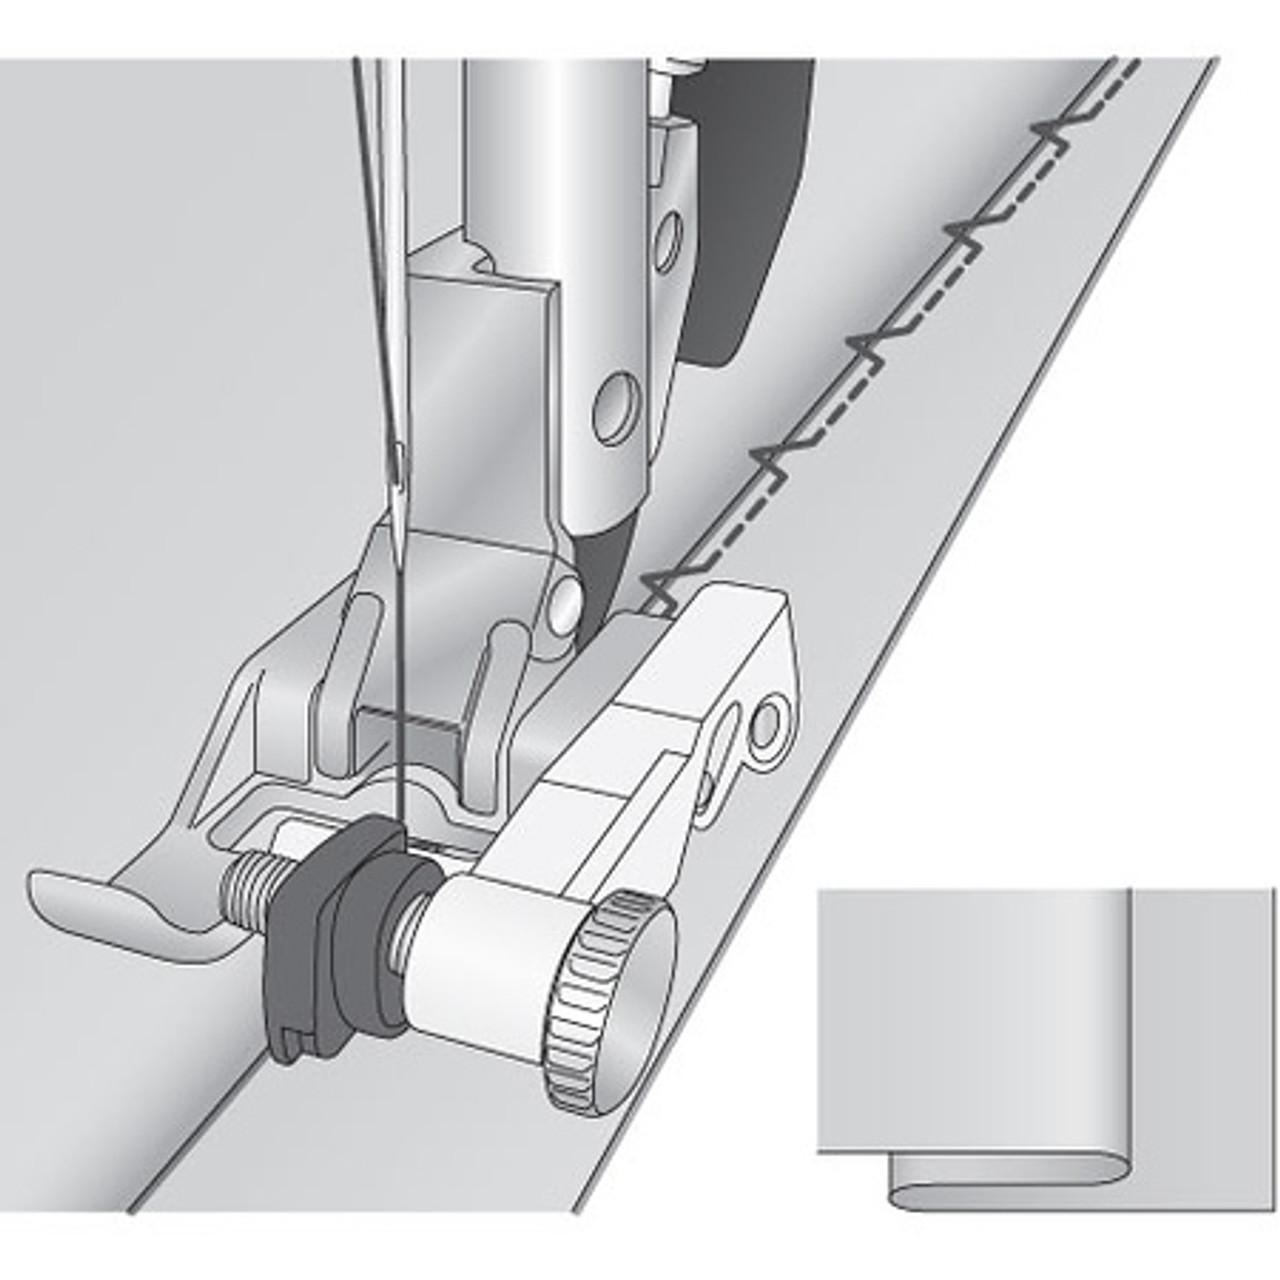 Blindhem Foot For IDT System